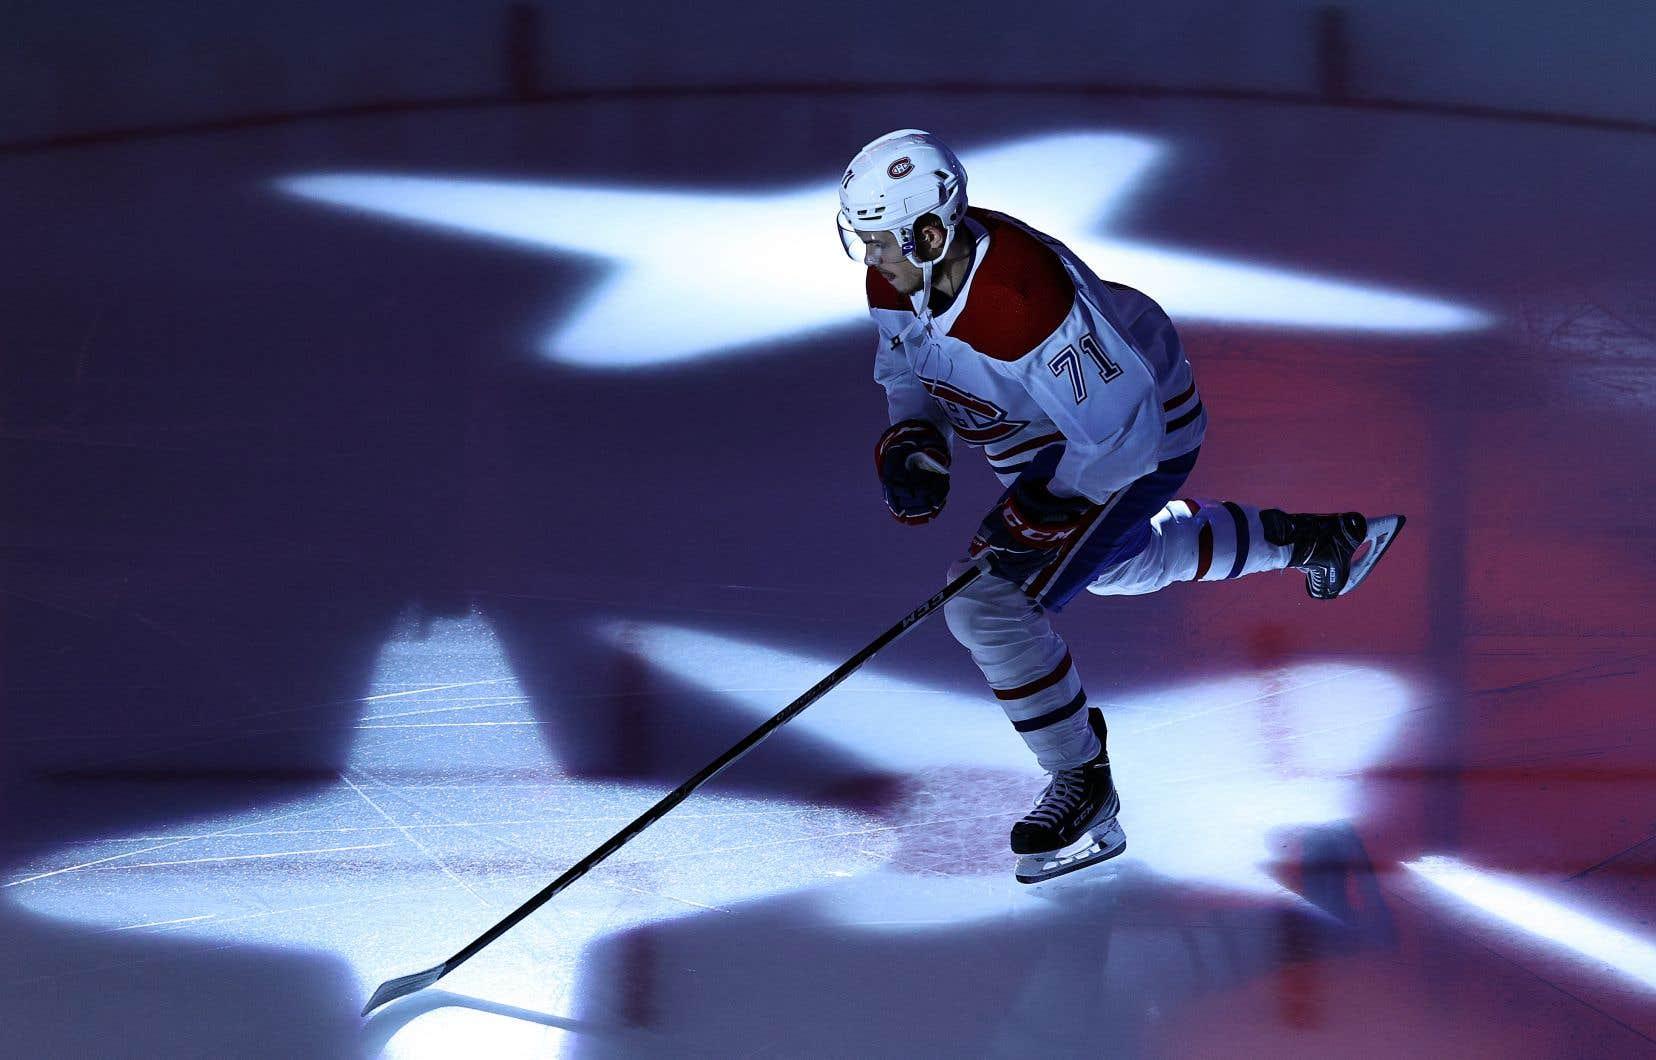 «Le hockey canadien vit sous l'emprise d'une organisation sur laquelle personne n'ose se prononcer», écrit l'auteur.